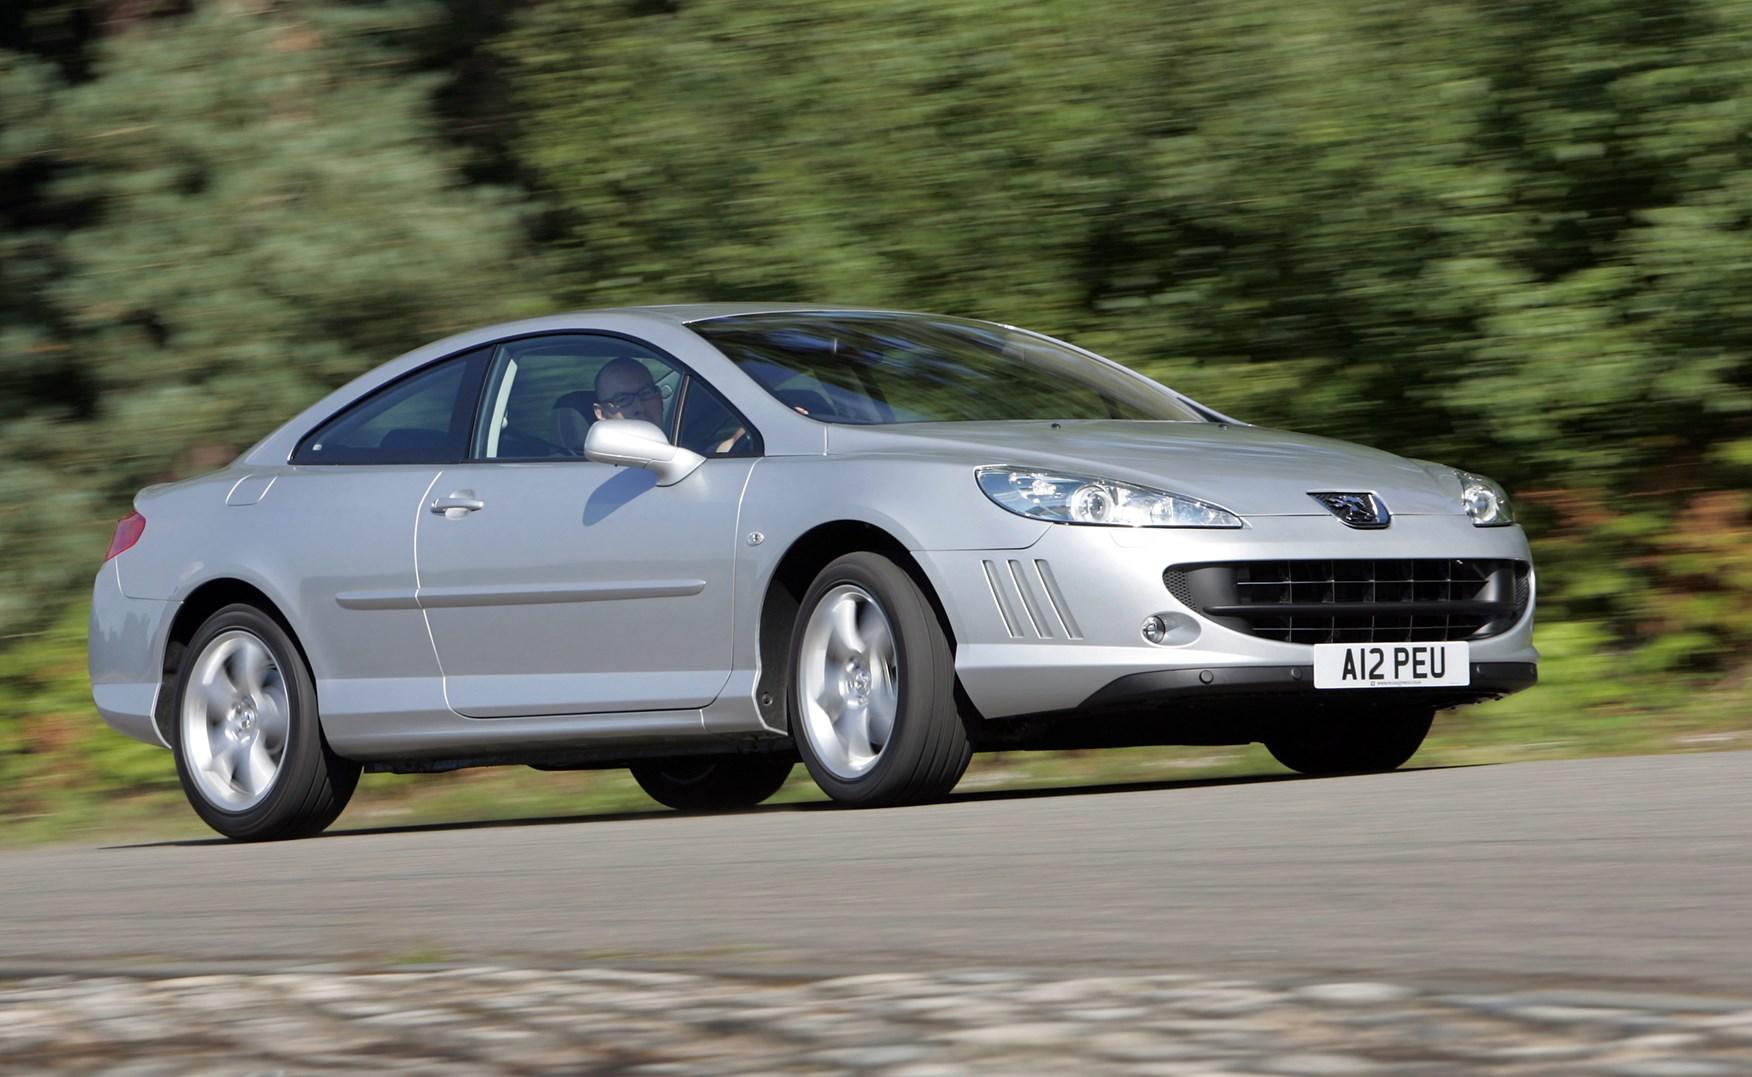 peugeot 407 coupé review (2006 - 2010) | parkers